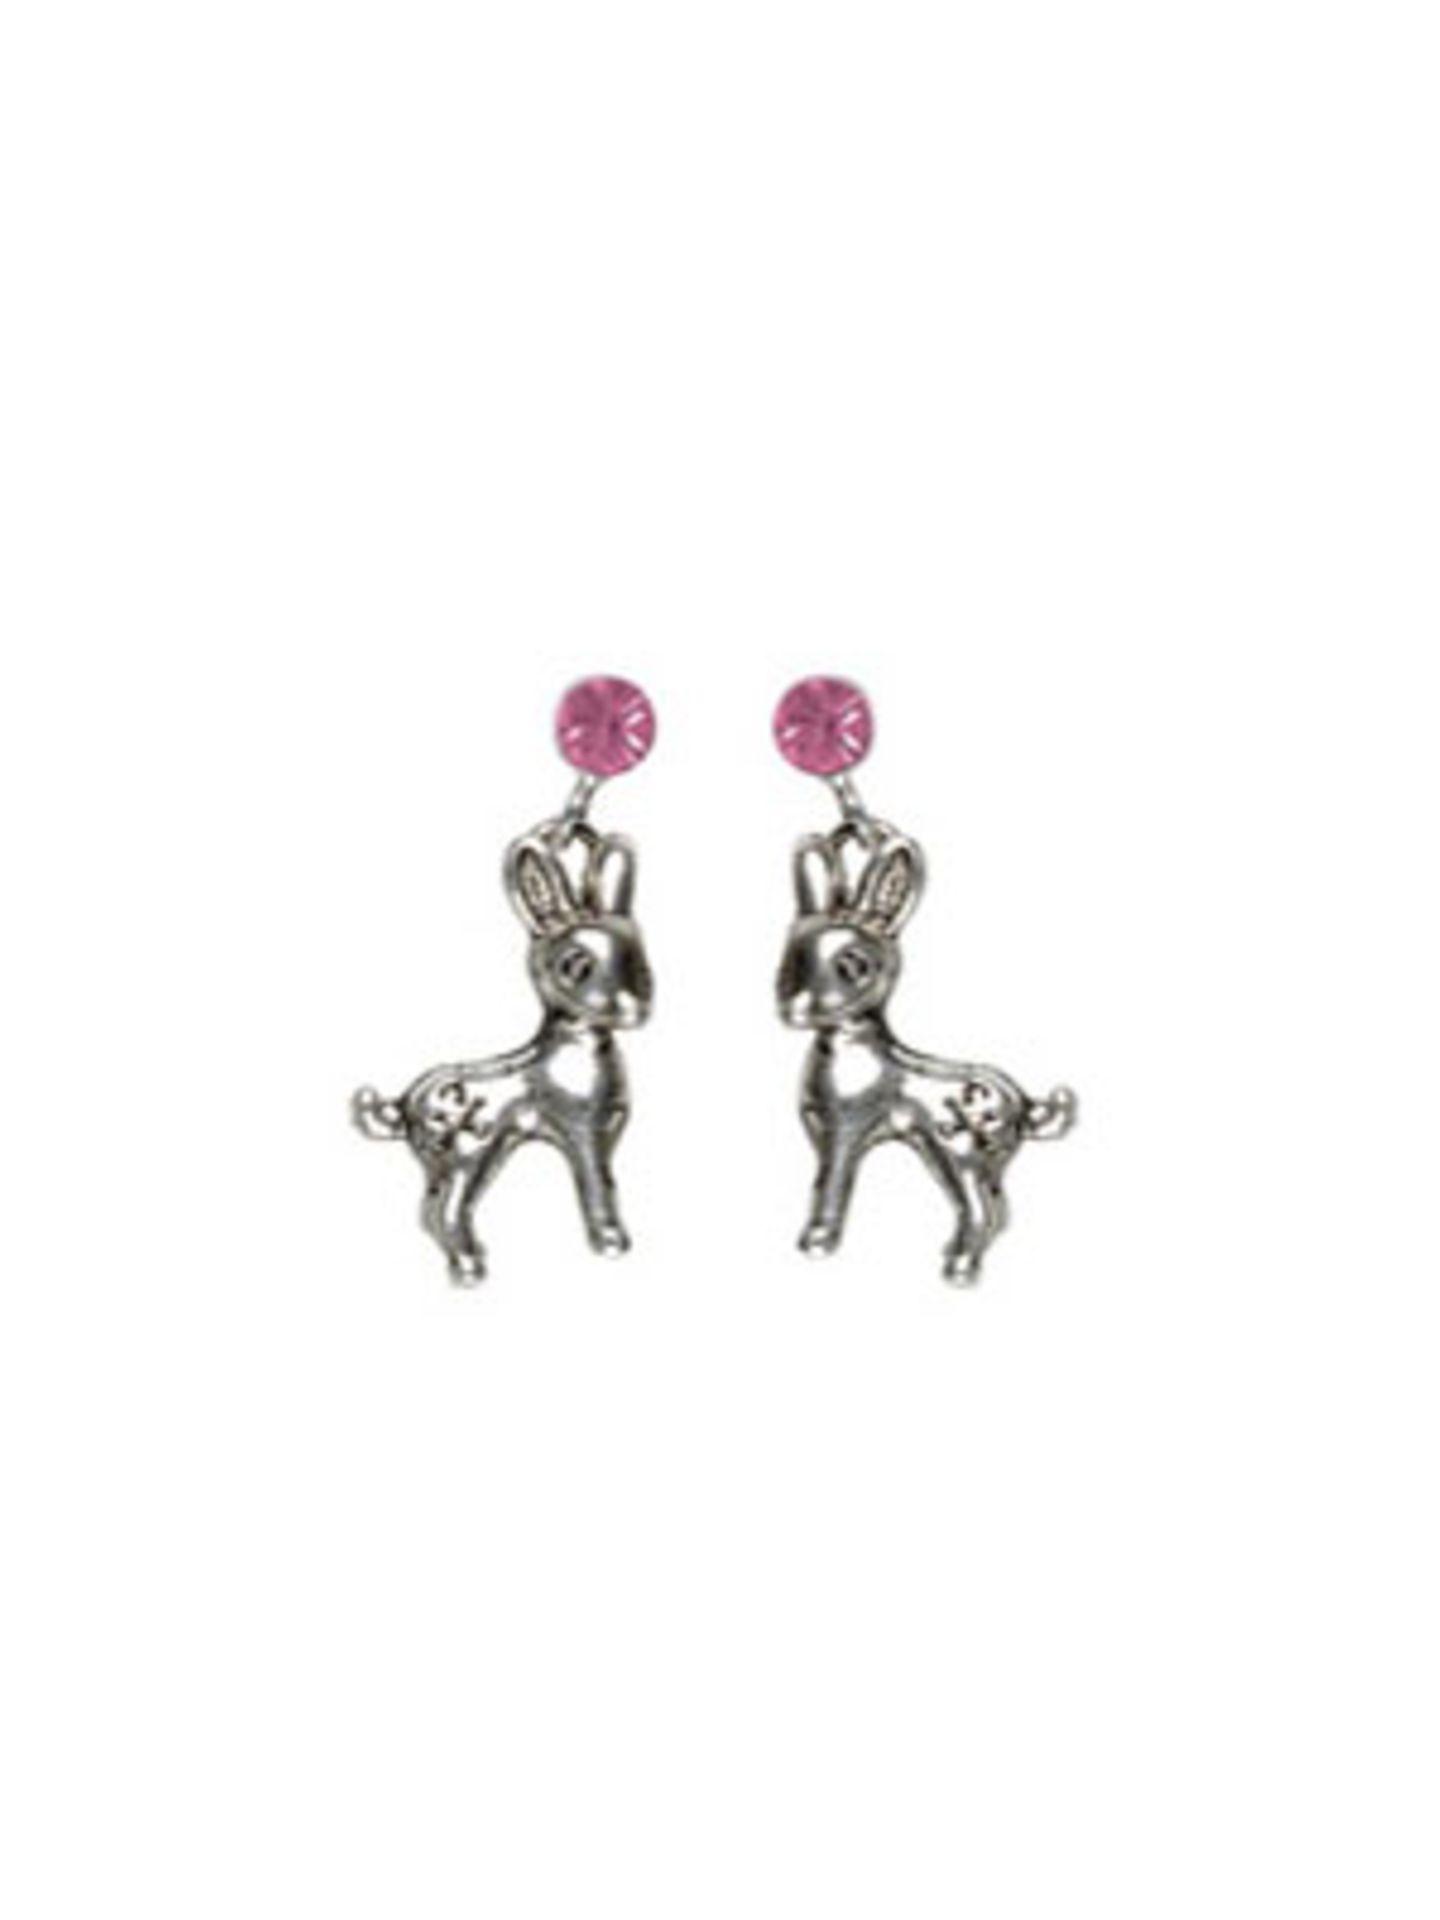 Silberne Ohrringe mit rosafarbenem Strassstein und Rehkitz von www.bertine.de, um 8 Euro.